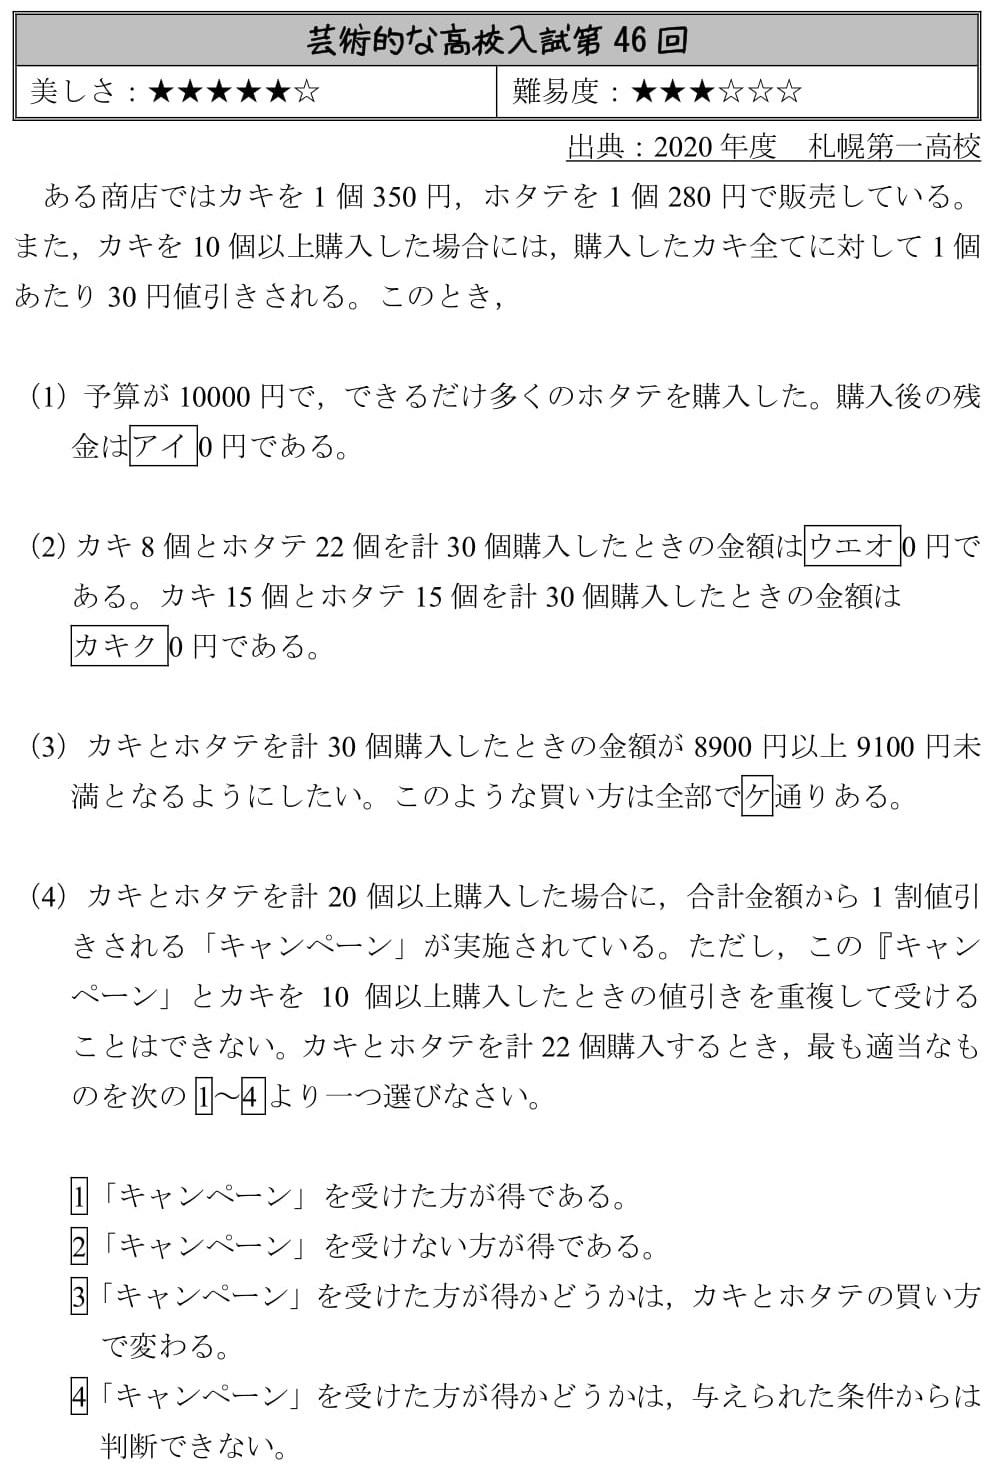 art46_daiichi-1.jpg